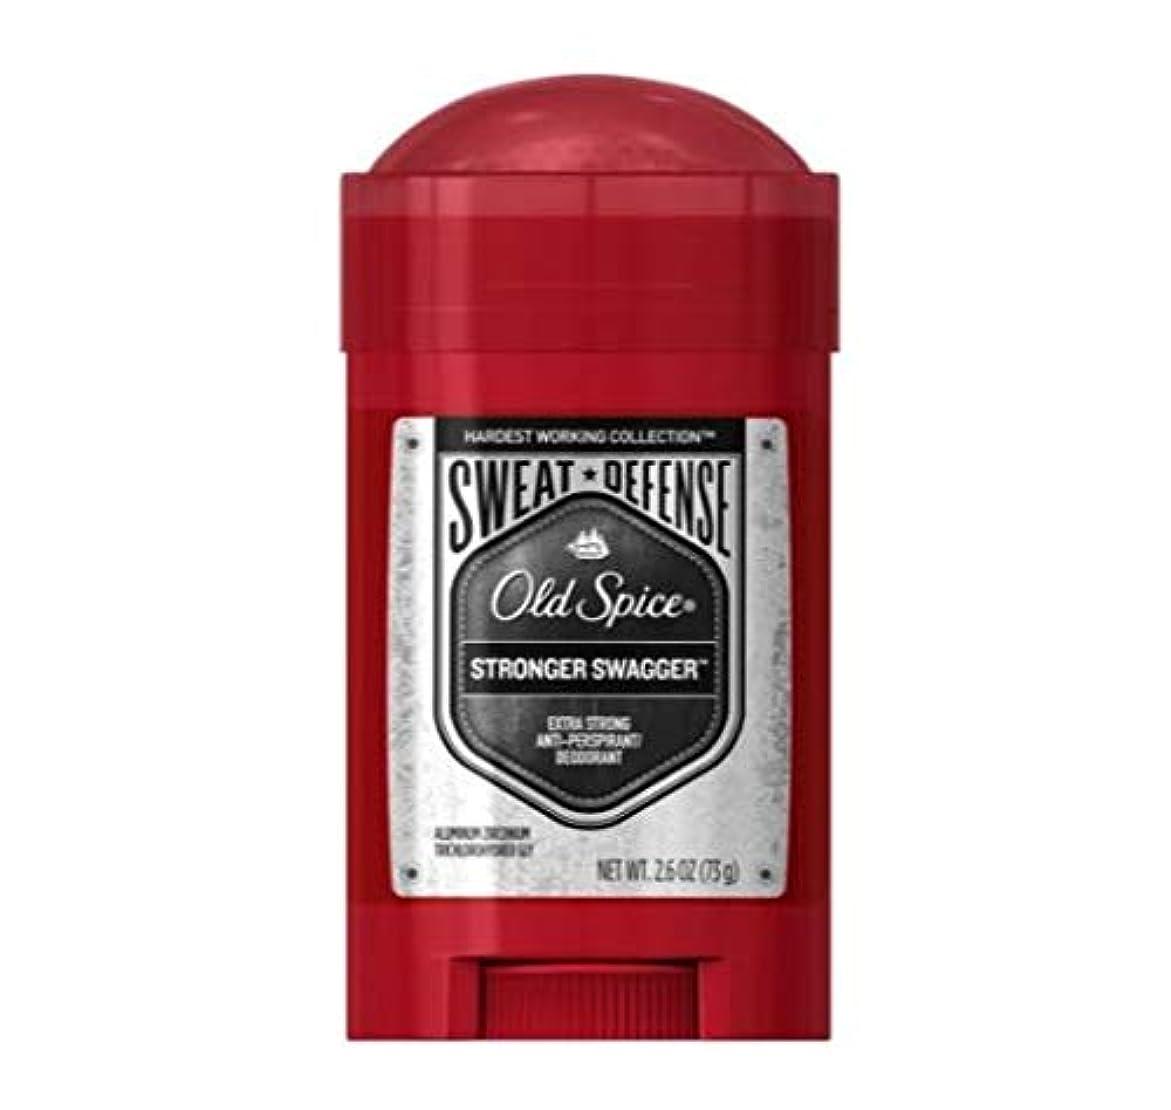 蓄積するリーダーシップボットOld Spice Hardest Working Collection Sweat Defense Stronger Swagger Antiperspirant and Deodorant - 2.6oz オールドスパイス...